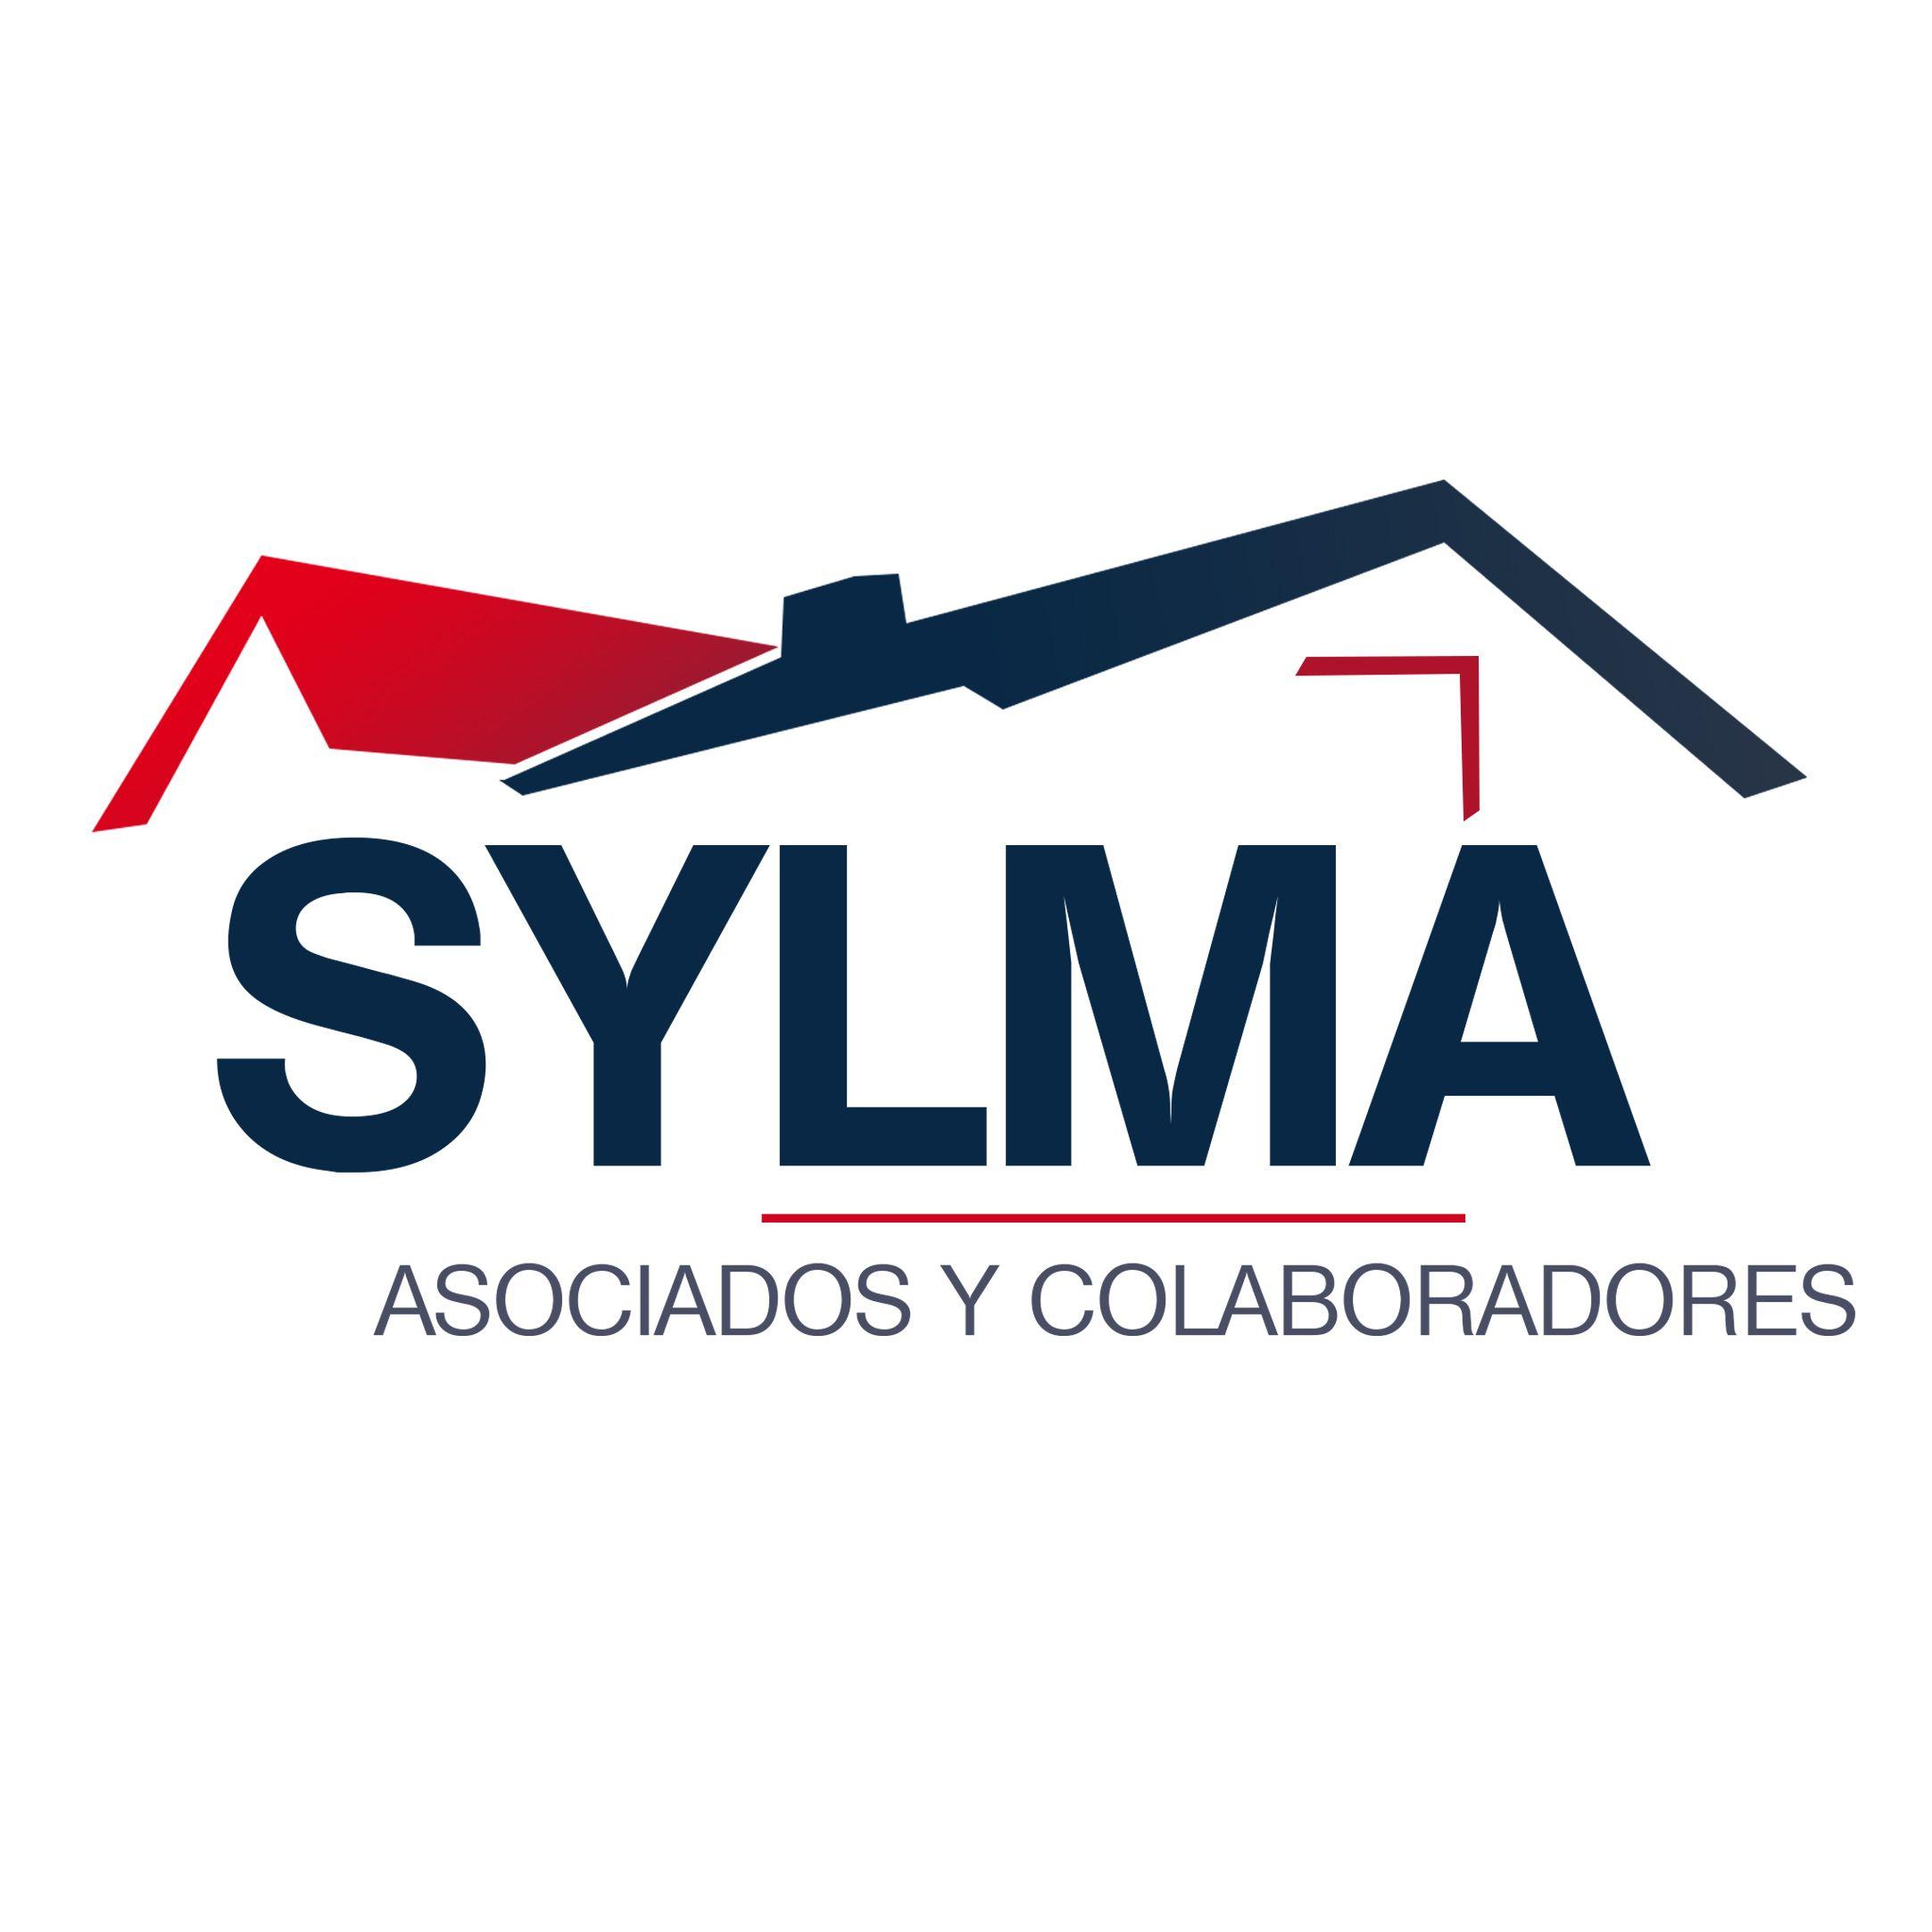 SYLMA